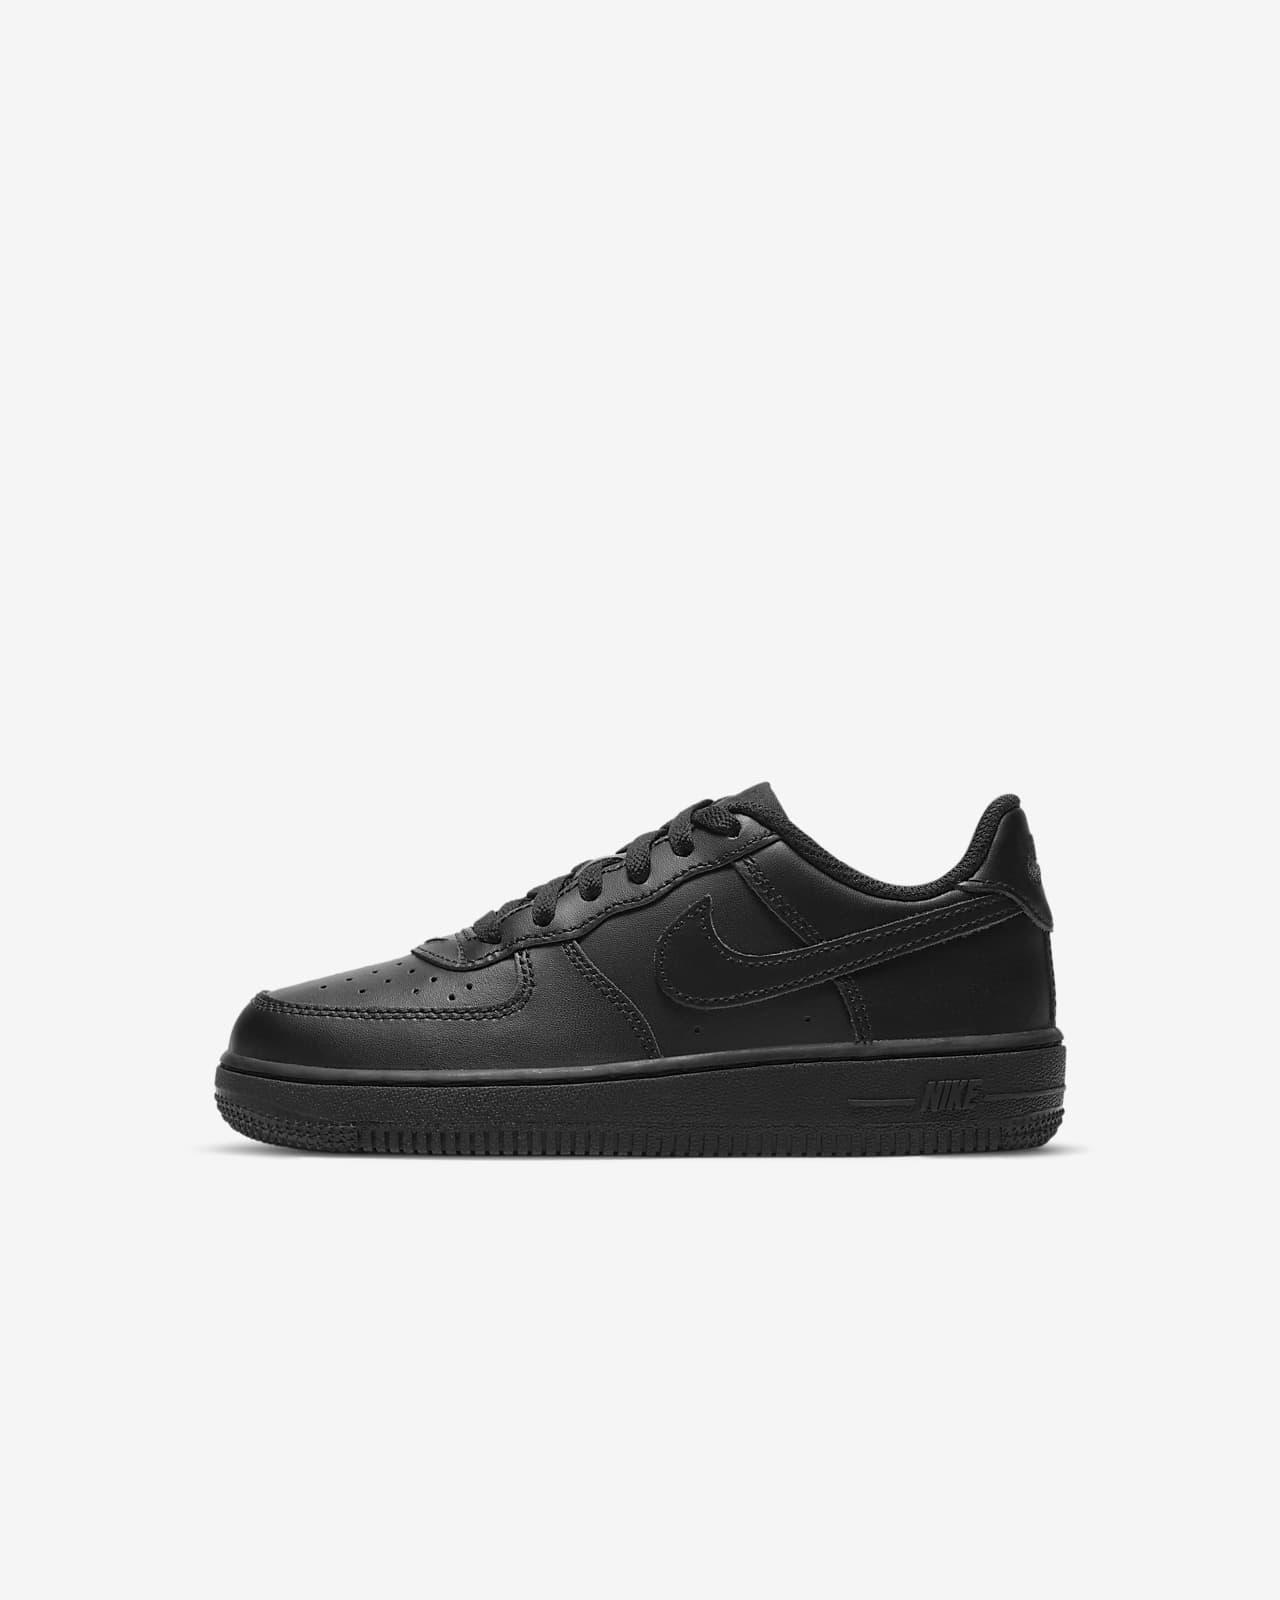 Chaussure Nike Force 1 LE pour Jeune enfant. Nike LU